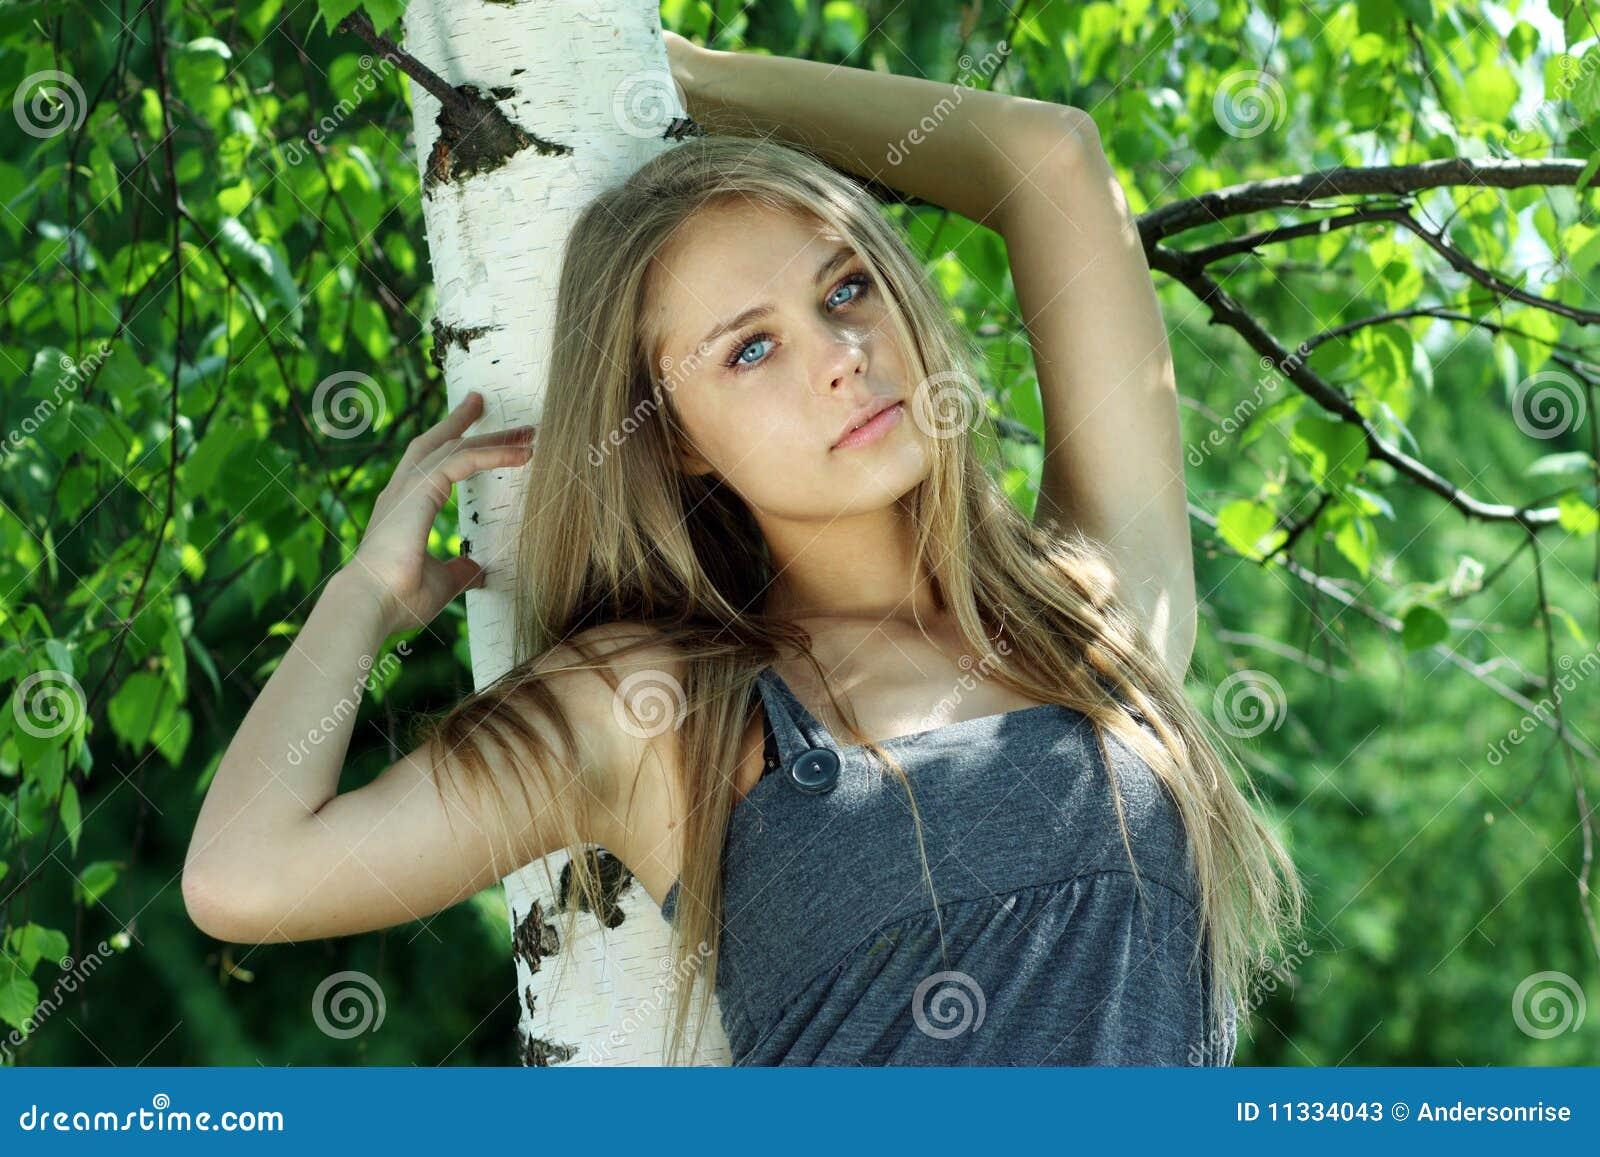 Фото красивых девушек близко 24 фотография